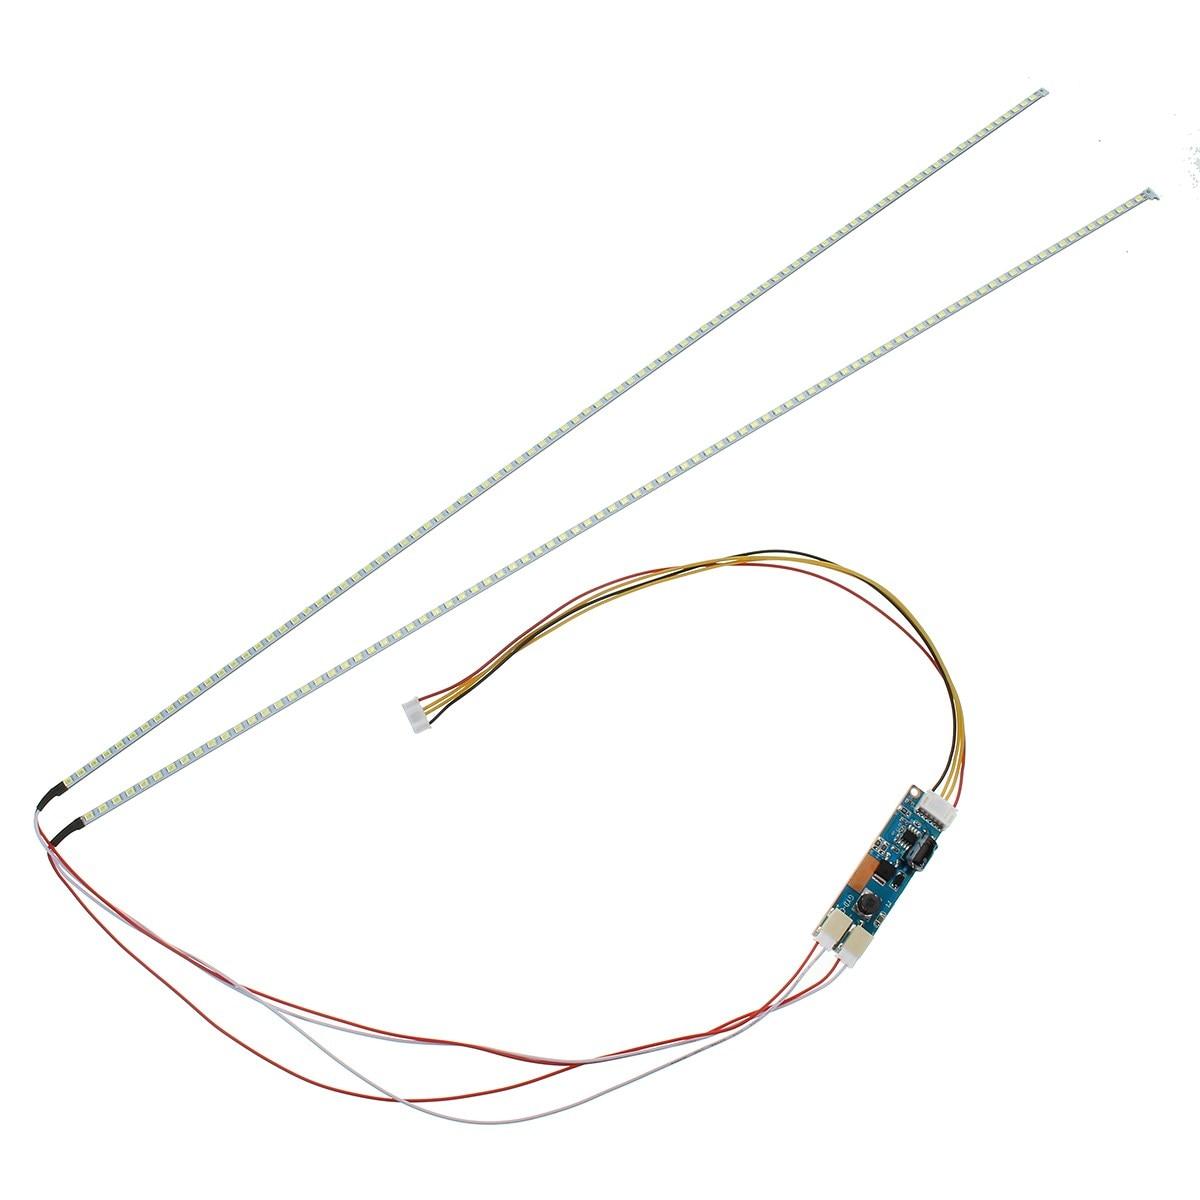 Der artikel 15 bis 24 zoll universal LCD led-lichter ändern LCD FÜHRTE upgrade kit Einstellbare helligkeit 540mm